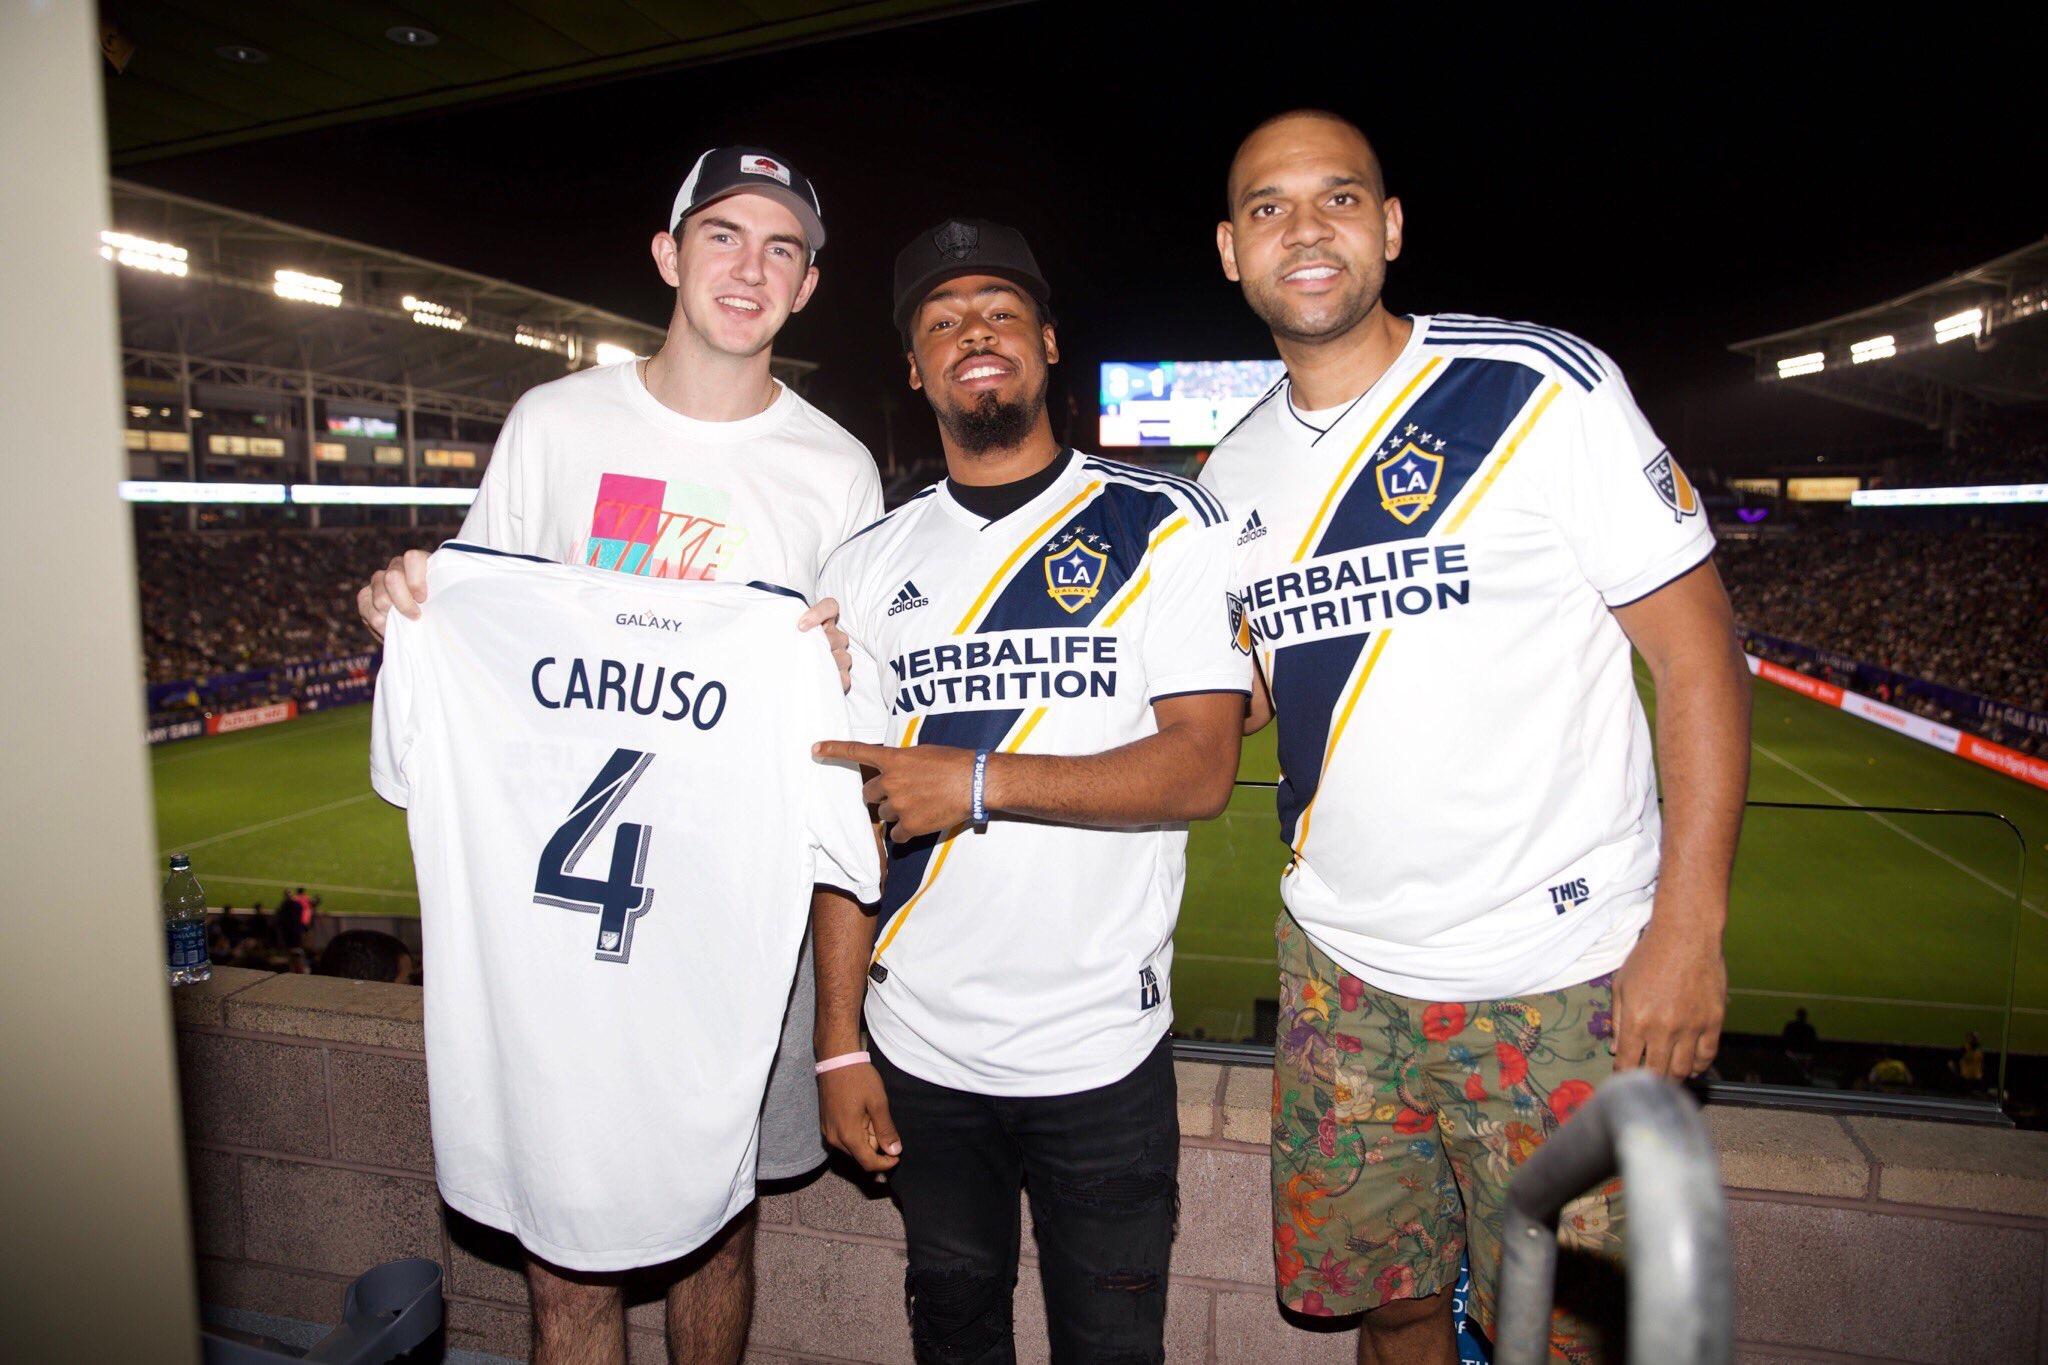 卡鲁索、库克和杜德利一同观看洛杉矶银河队比赛